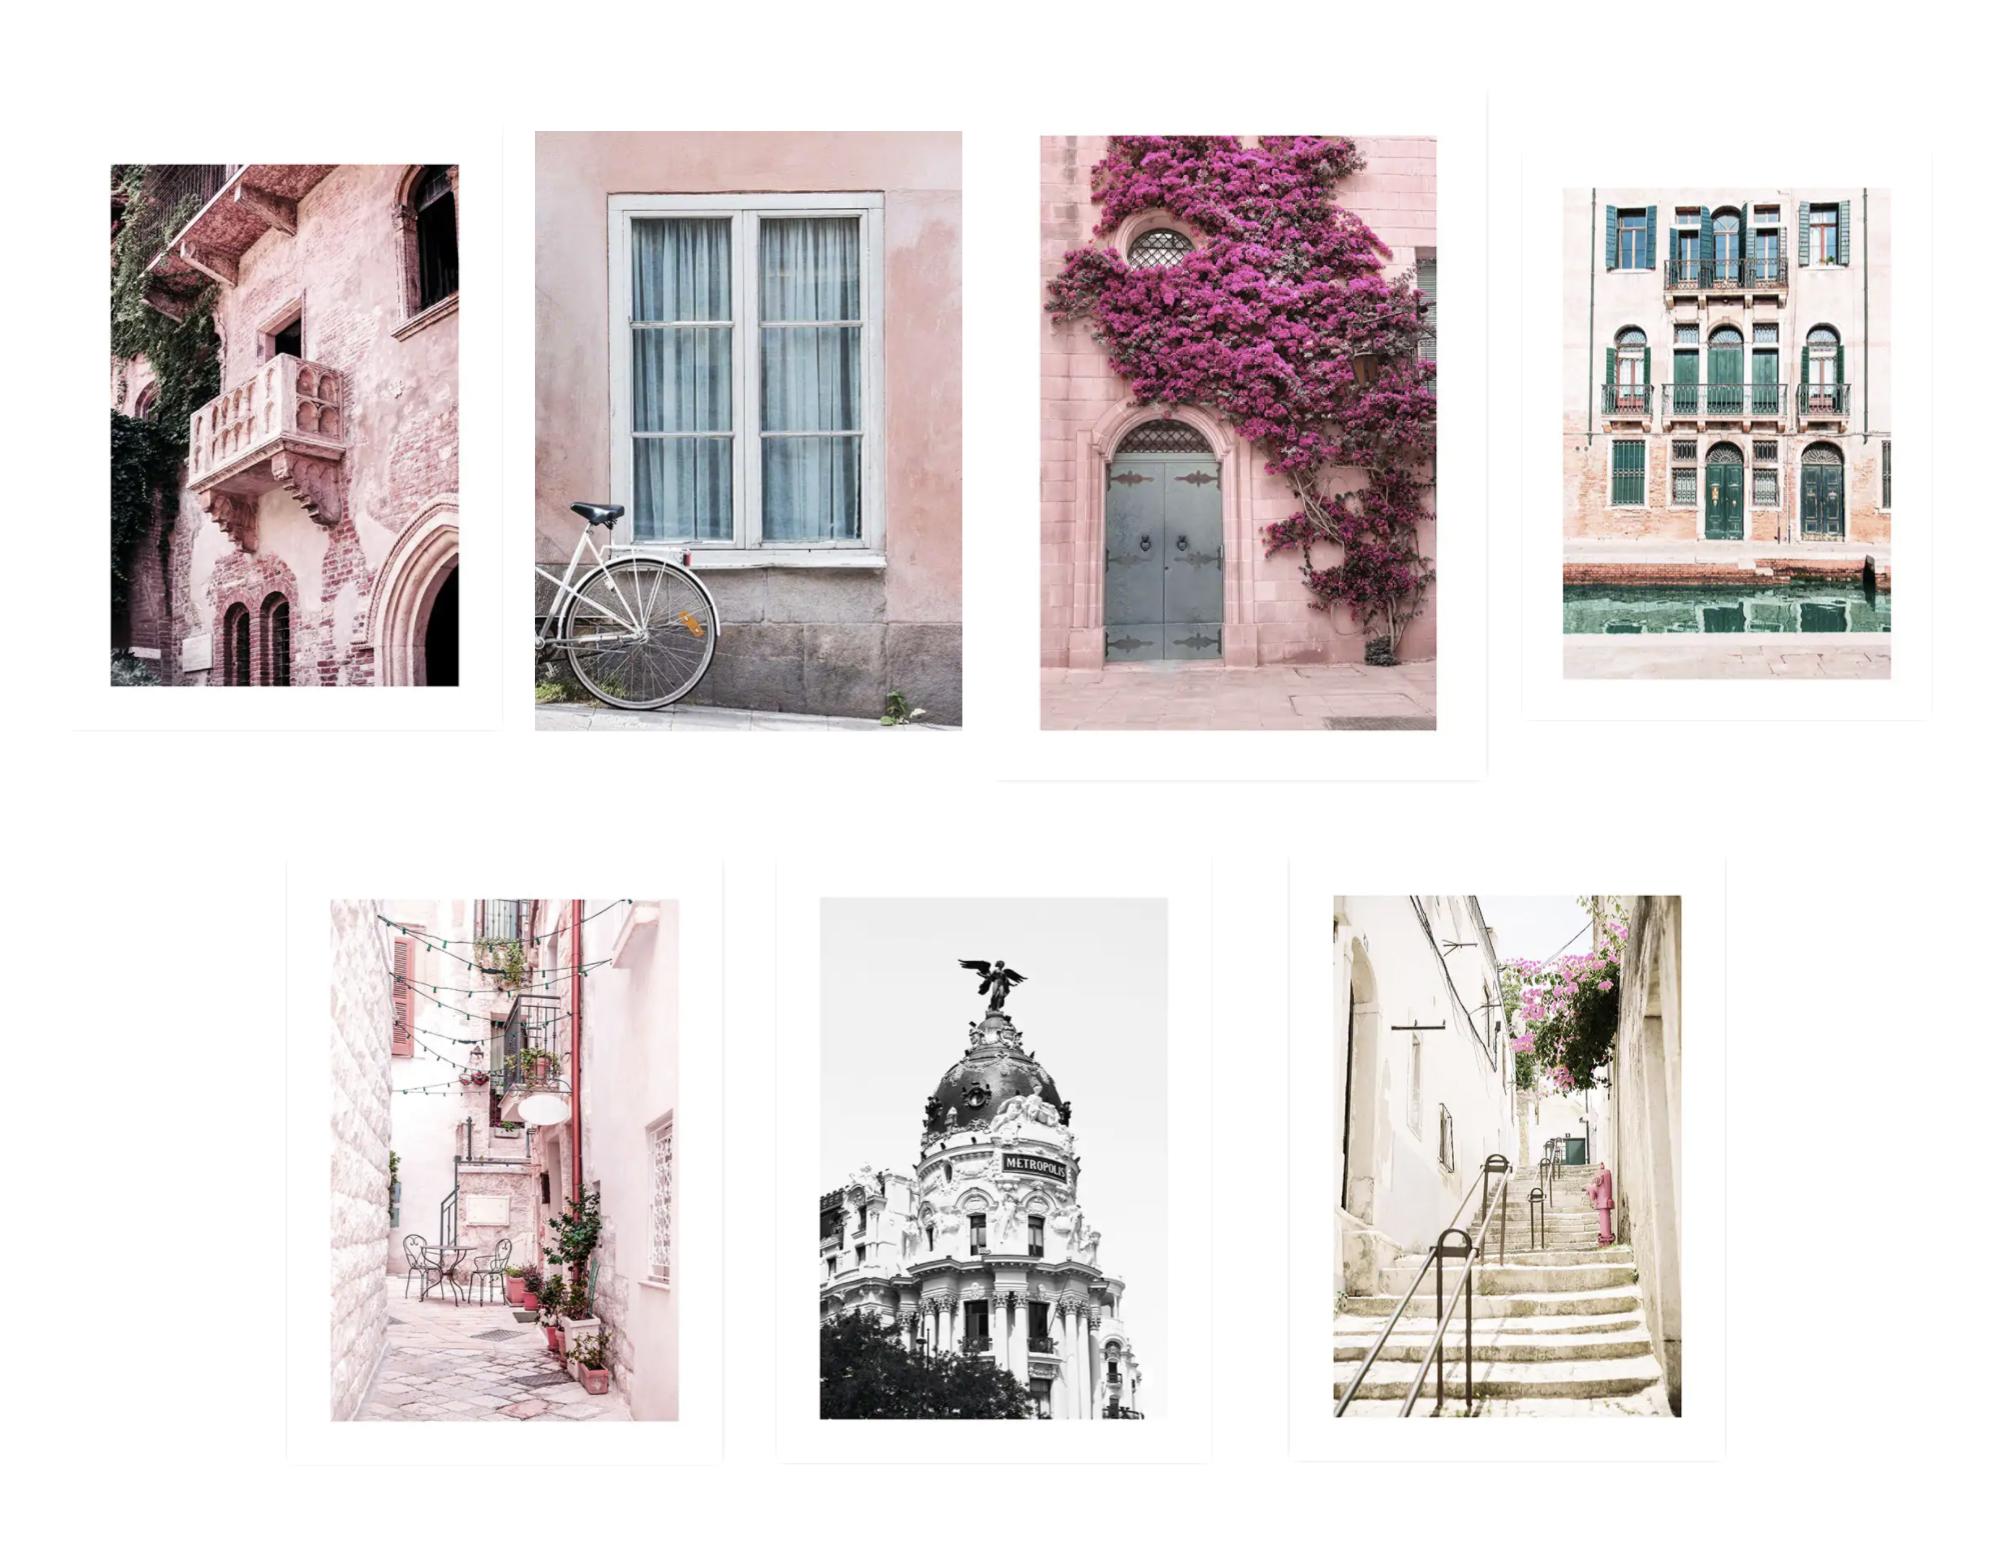 association affiche deco desenio exemple architecture façade de maison voyage couleur rose et beige